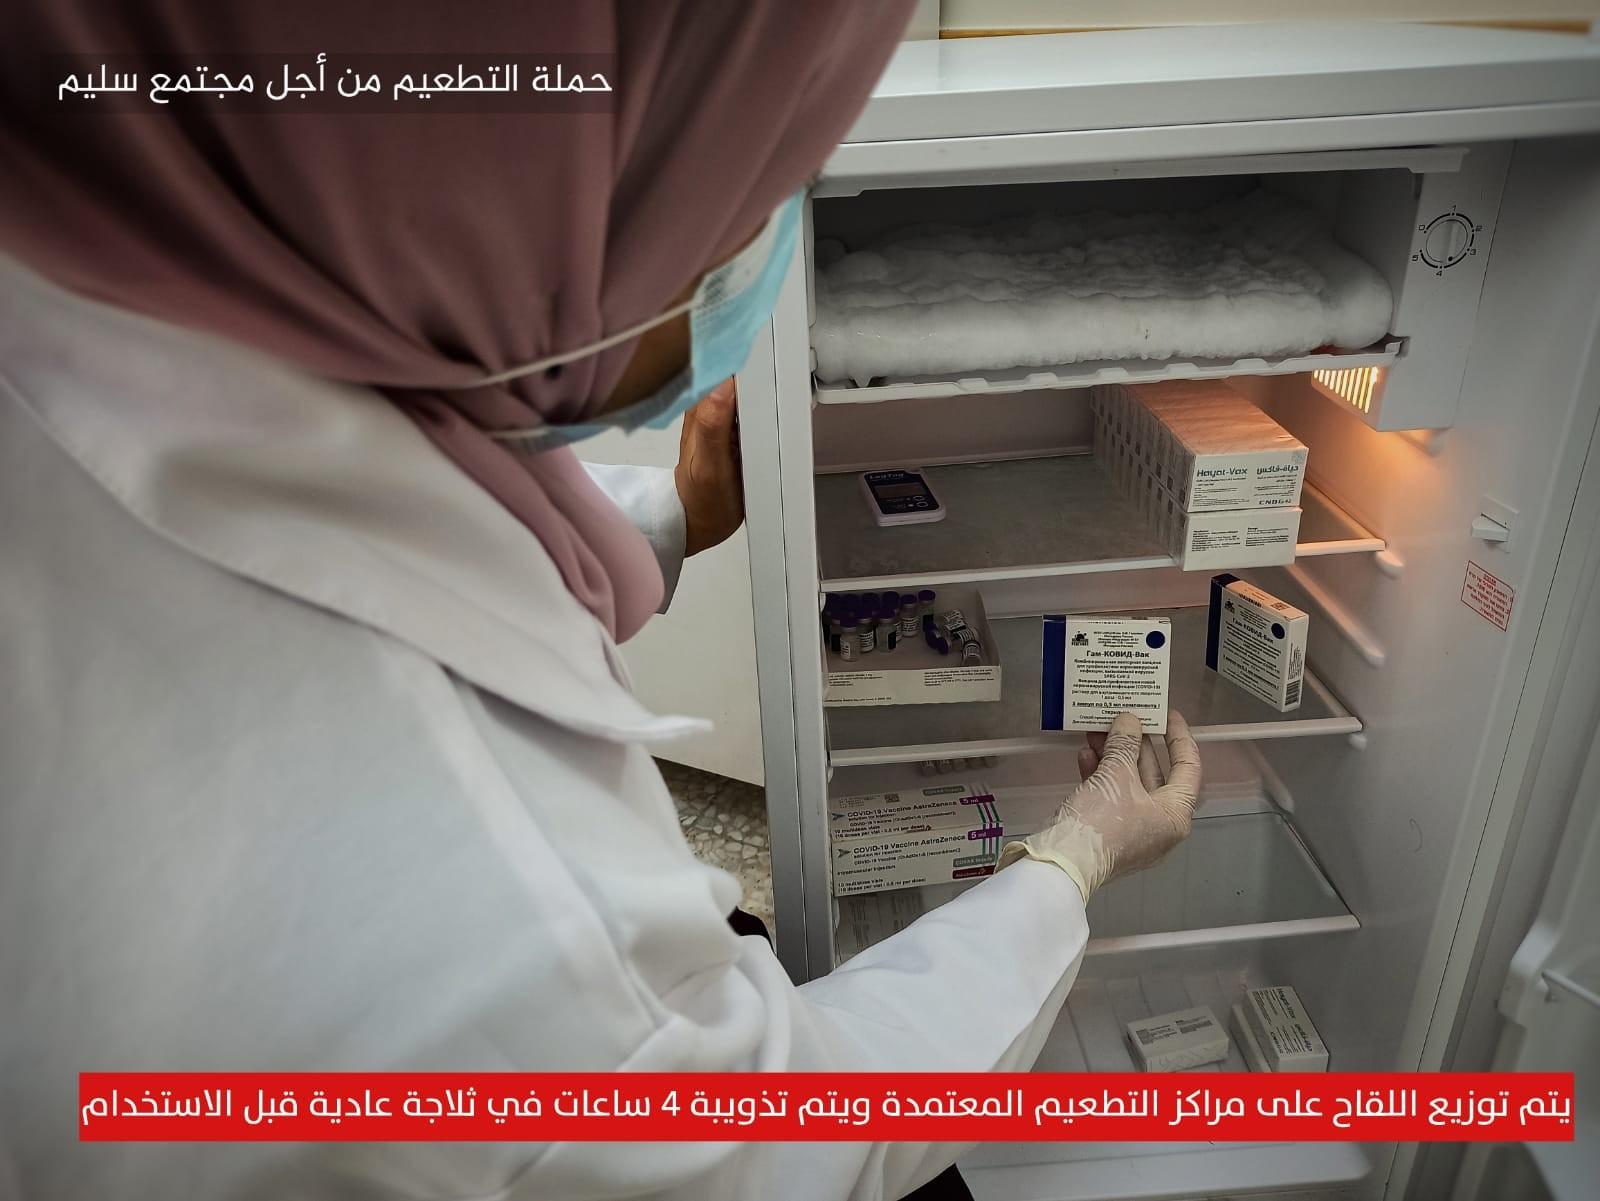 مراحل حفظ لقاح كورونا بغزة 13